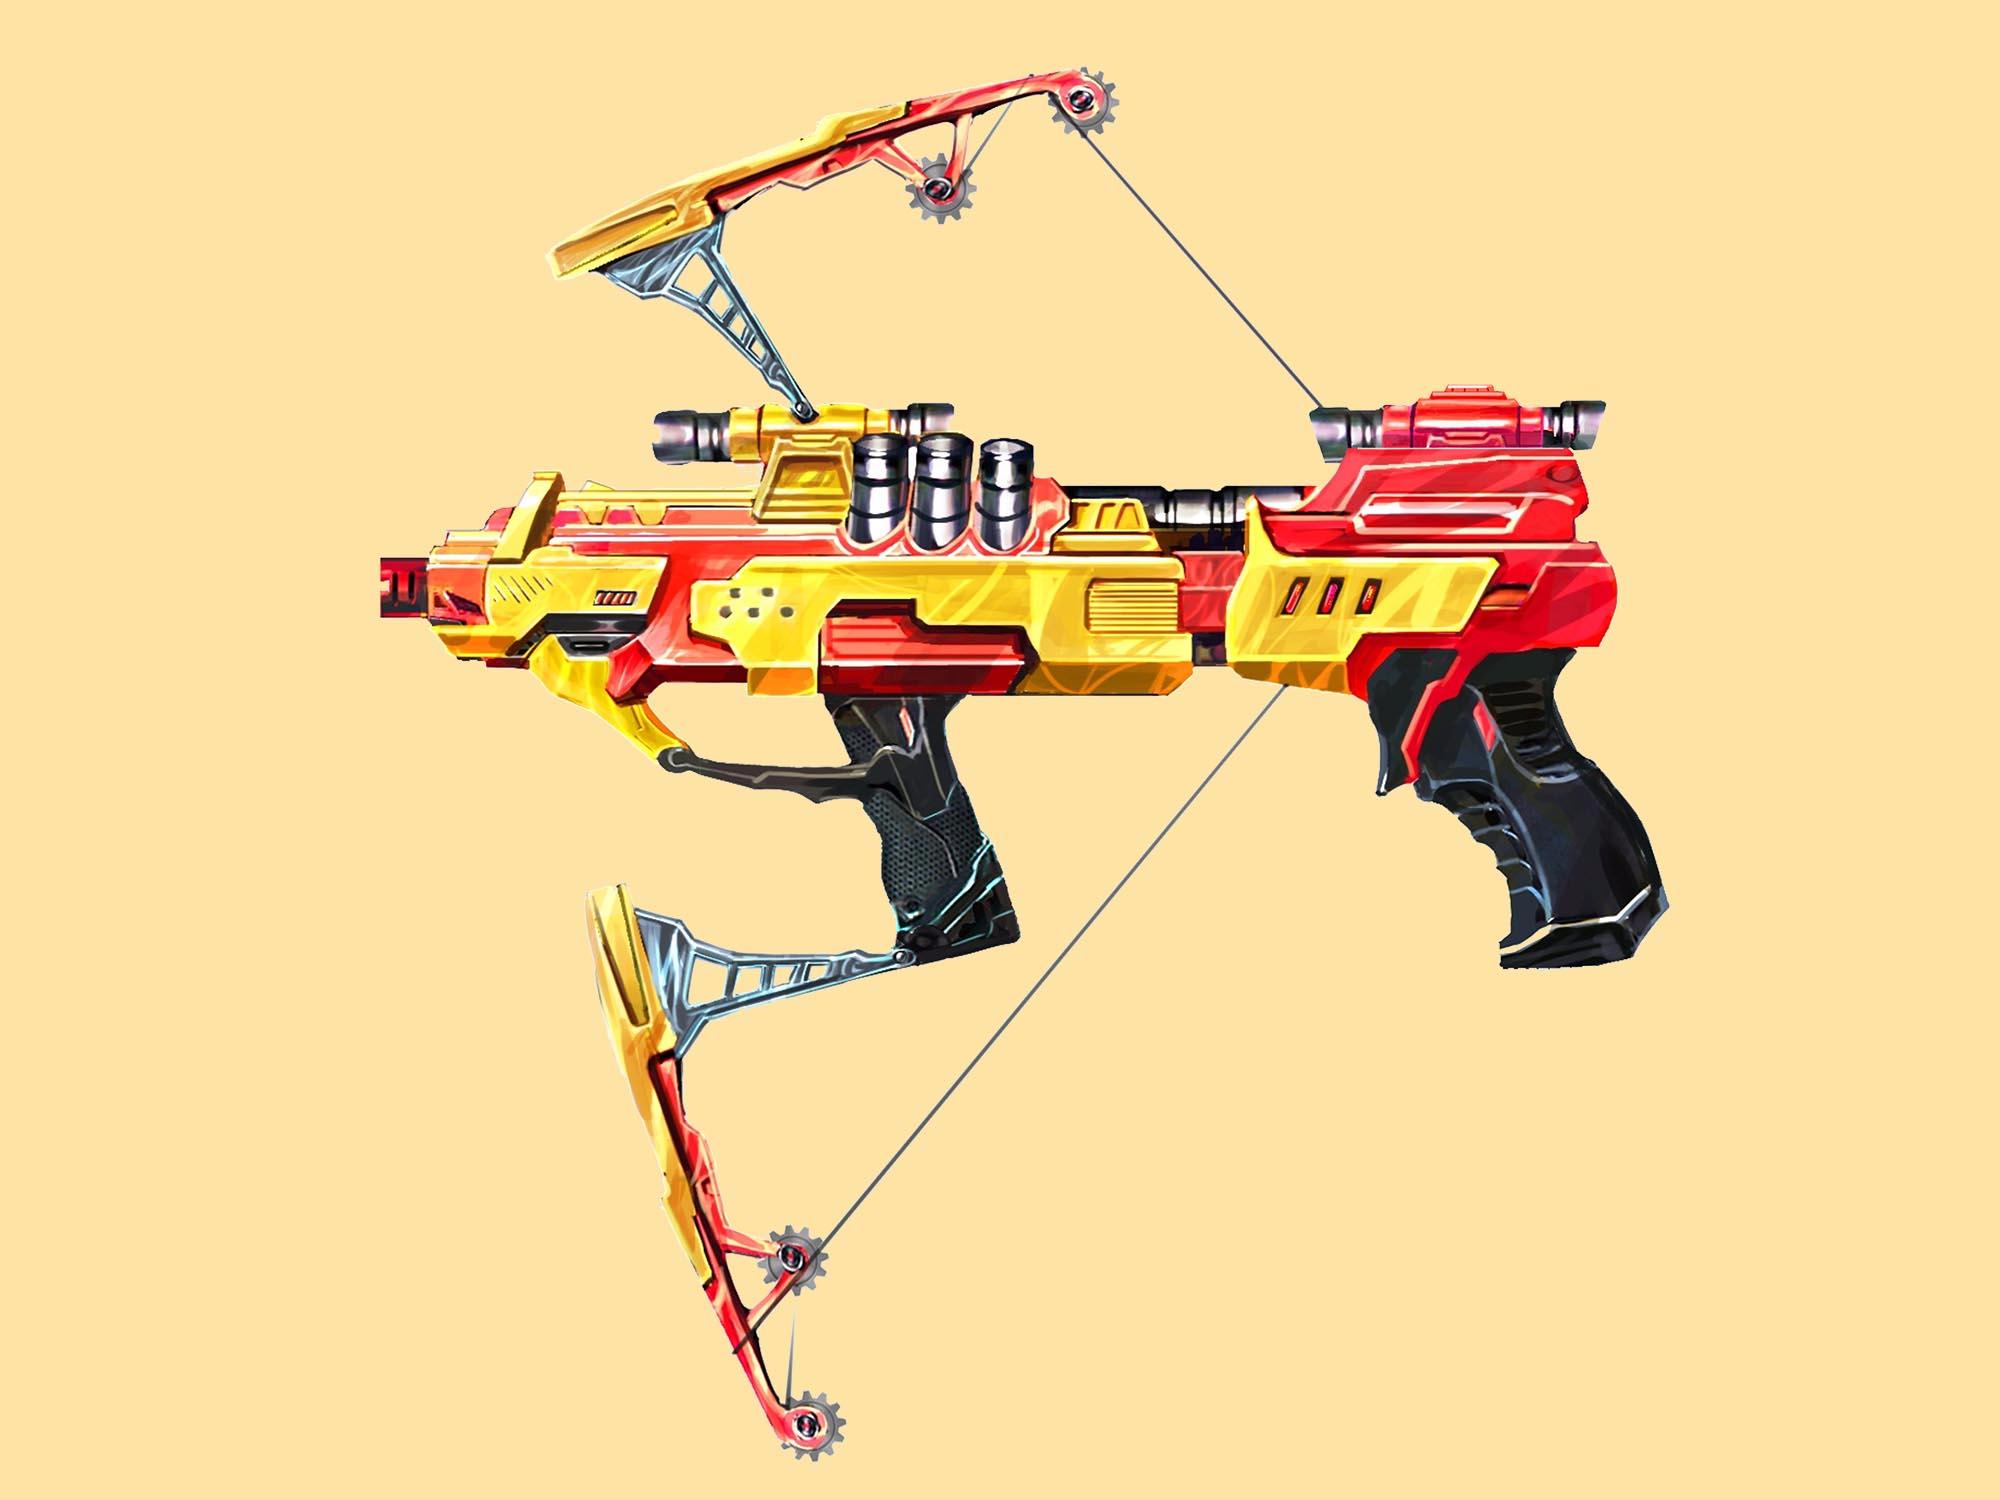 变形手动软弹射击枪设计